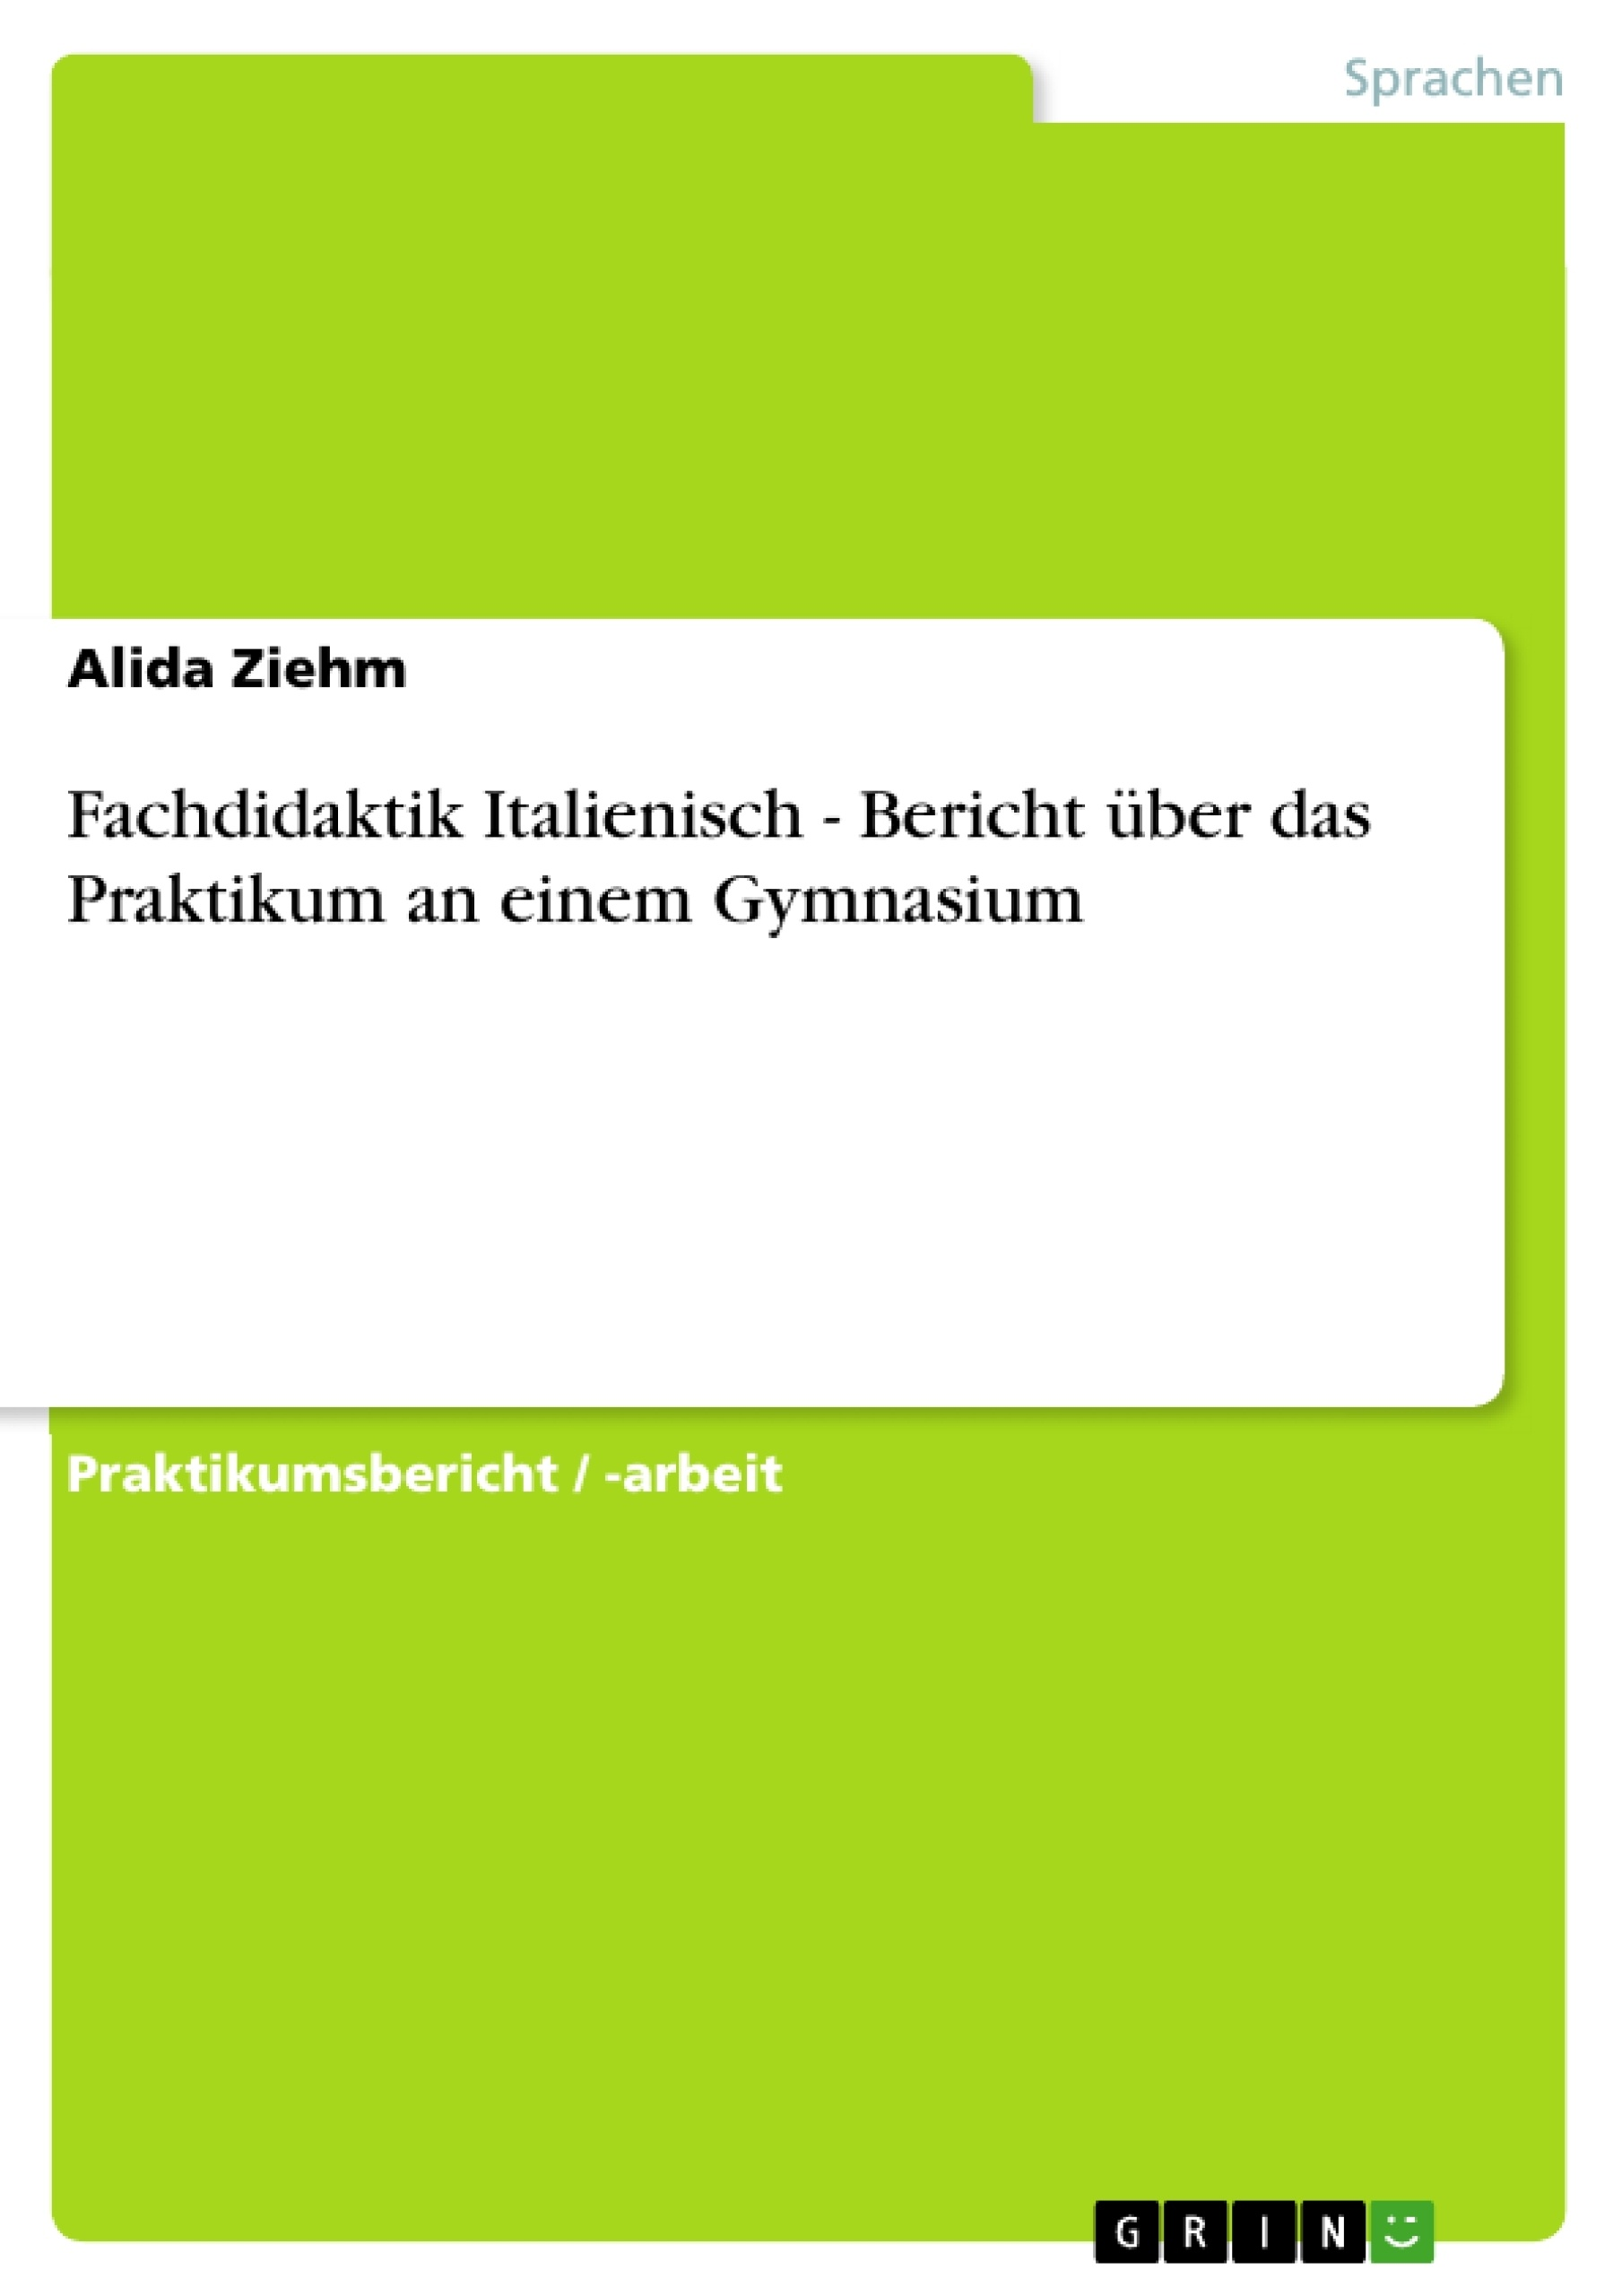 Titel: Fachdidaktik Italienisch - Bericht über das Praktikum an einem Gymnasium